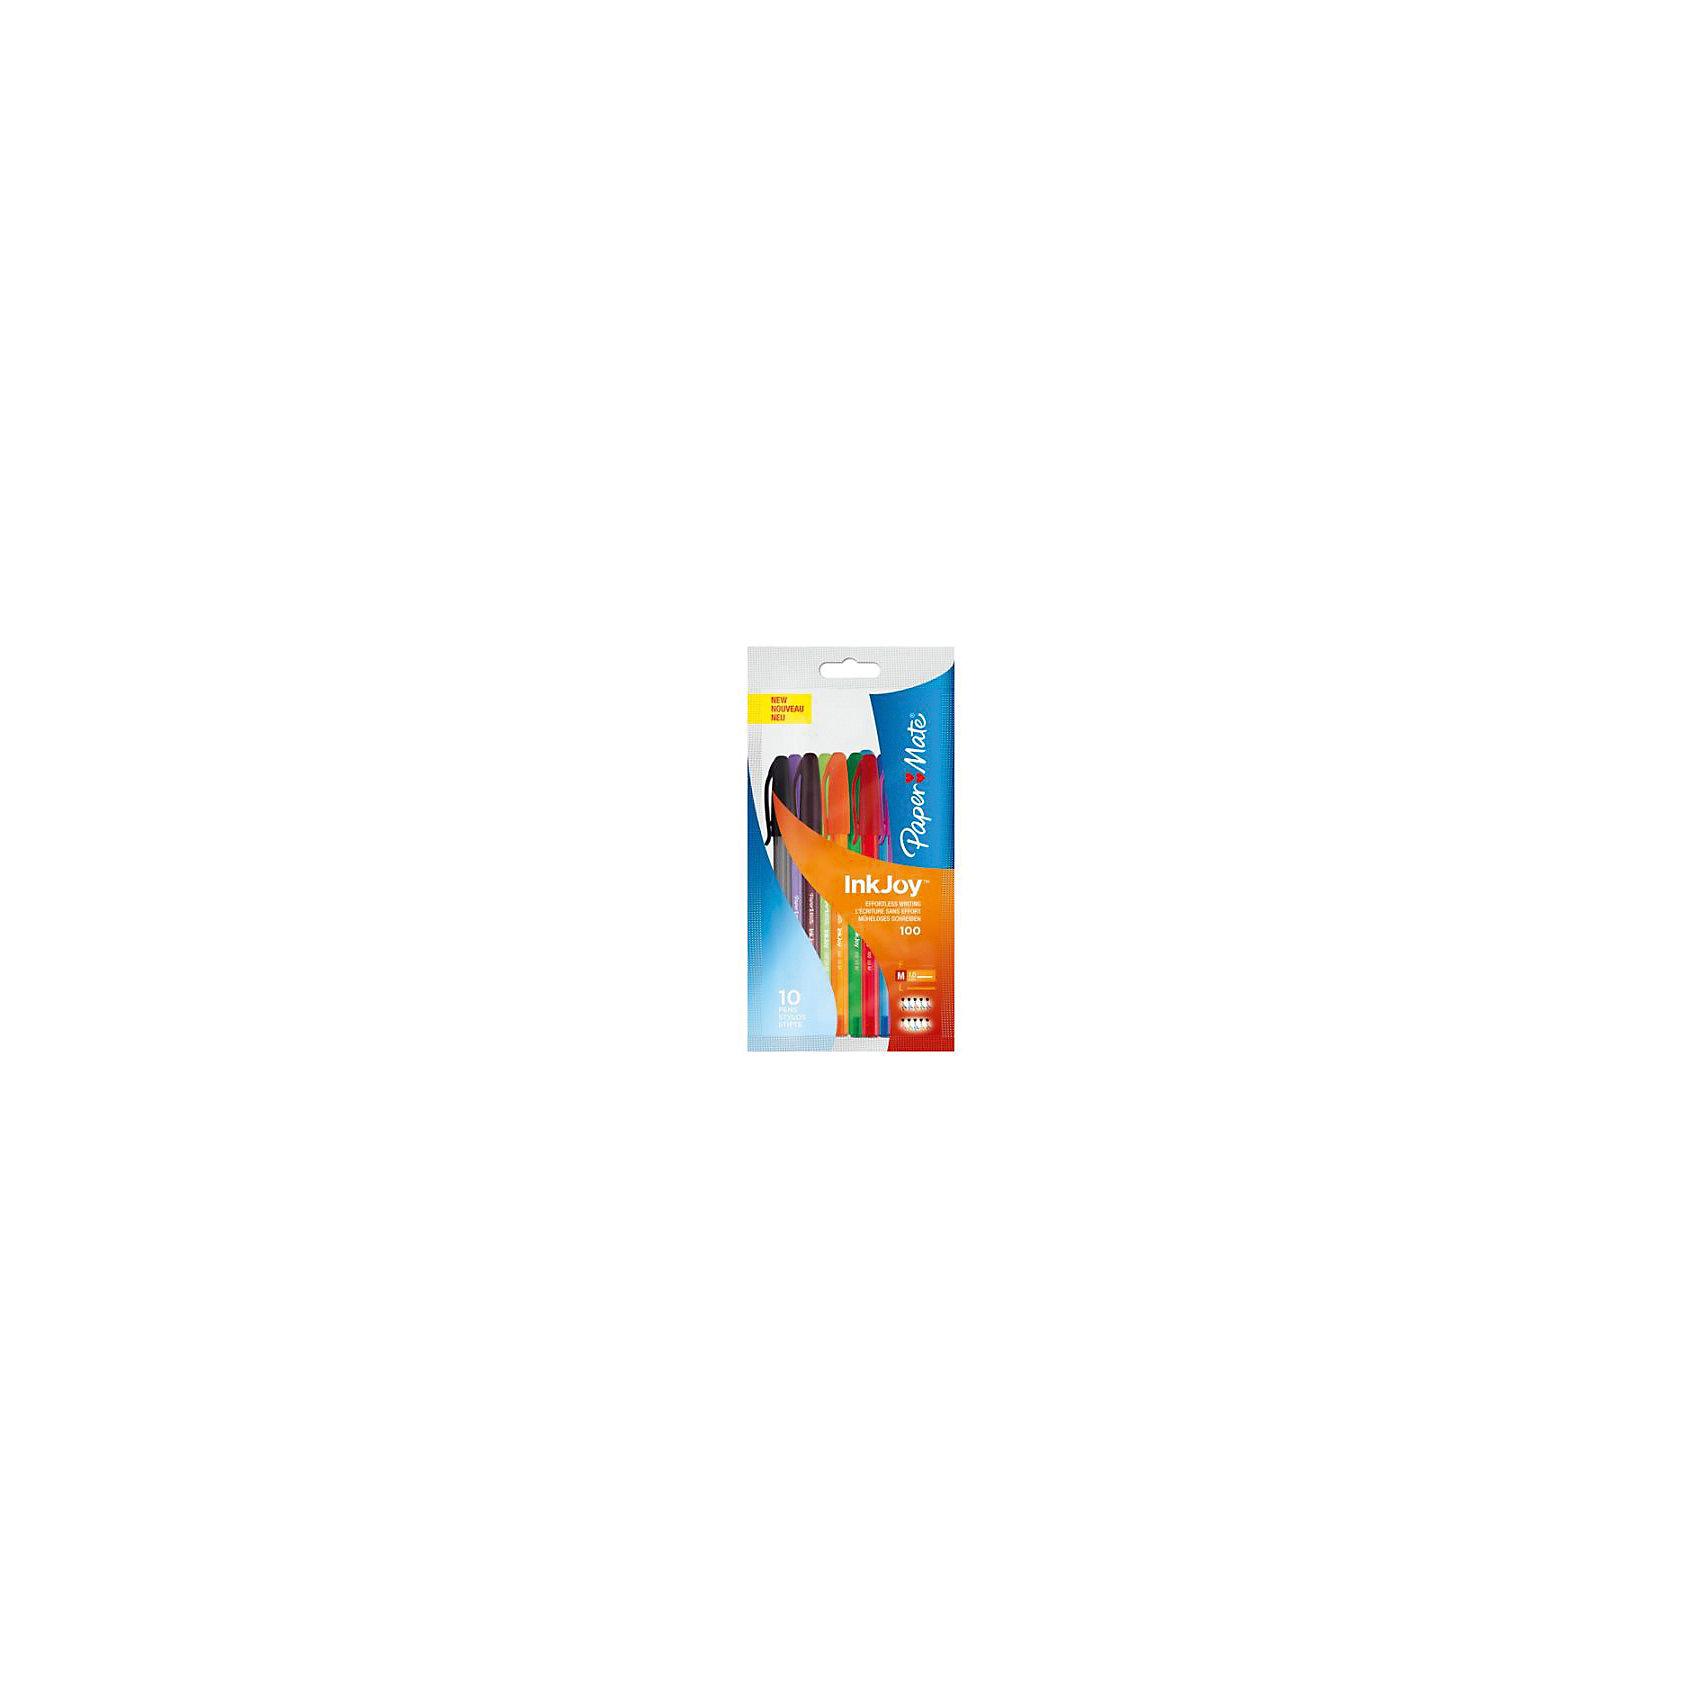 Набор шариковых ручек Paper mate Inkjoy, 10 цветовПисьменные принадлежности<br>Характеристики товара:<br><br>• в комплекте: 10 ручек;<br>• цвета чернил: черный, синий, красный, зеленый, розовый, салатовый, фиолетовый, коричневый, оранжевый, голубой;<br>• материал: пластик;<br>• толщина линии: 0,7 мм;<br>• размер упаковки: 1х10х17 см;<br>• вес: 80 грамм;<br>• возраст: от 3 лет.<br><br>В набор от PAPER MATE входят 10 шариковых ручек ярких цветов. Корпус ручки изготовлен из прочного полупрозрачного тонированного пластика, а шарик стержня - из нержавеющей стали. Такой шарик обеспечивает ручке долгое время использования. <br><br>Специальная система подачи чернил гарантирует комфортное письмо. Ручка начинает писать с самого начала и не оставляет пропусков на бумаге. Толщина линии - 0,7 мм.<br><br>PAPER MATE (Пэйпер Мэйт) Ручку шариковую INK JOY можно купить в нашем интернет-магазине.<br><br>Ширина мм: 170<br>Глубина мм: 100<br>Высота мм: 10<br>Вес г: 80<br>Возраст от месяцев: 36<br>Возраст до месяцев: 2147483647<br>Пол: Унисекс<br>Возраст: Детский<br>SKU: 6884881